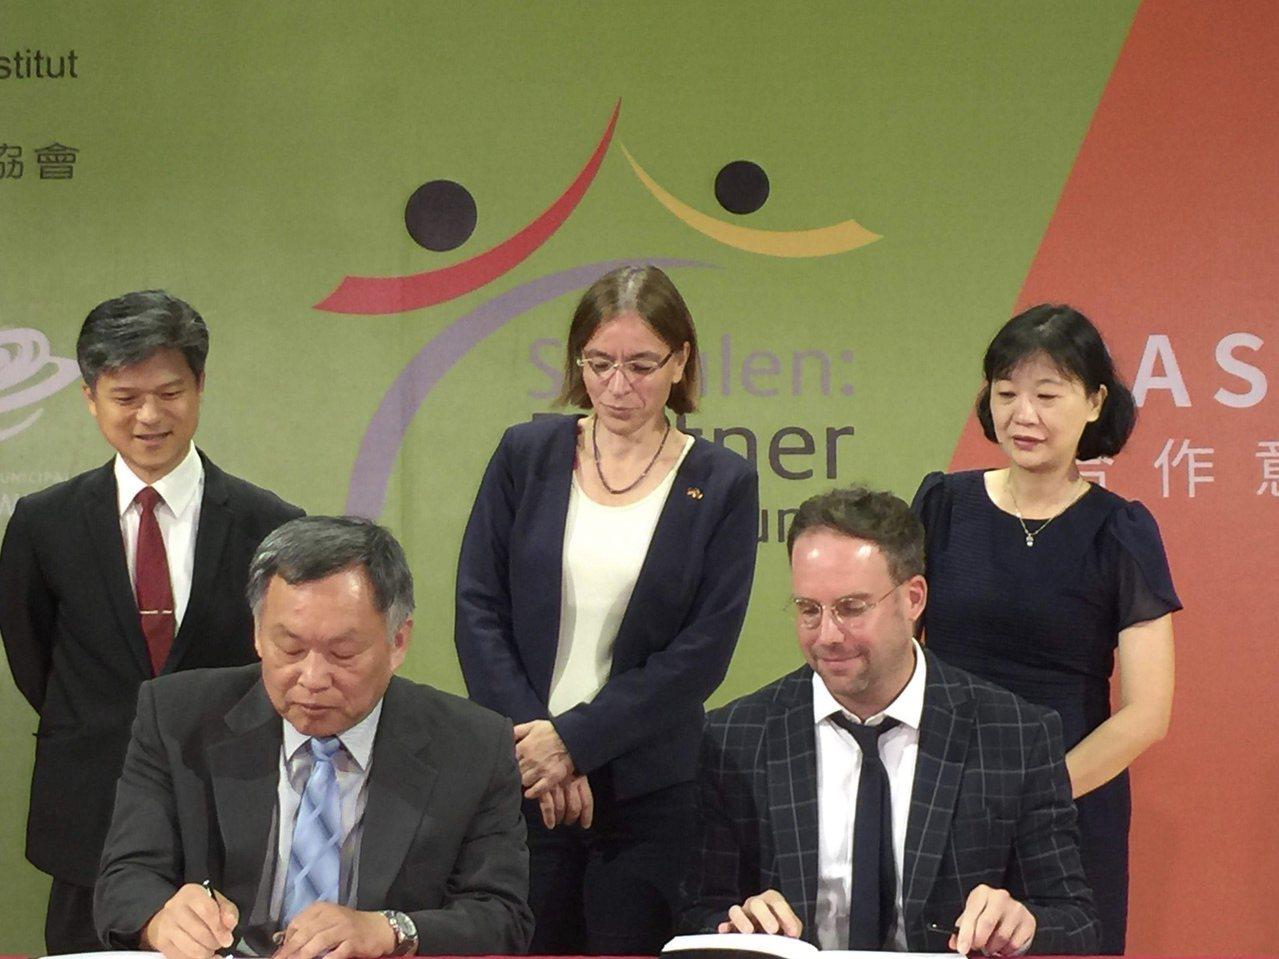 台中市惠文高中校長王沛清(前左)與台北歌德學院簽訂德國「PASCH夥伴學校」計畫...